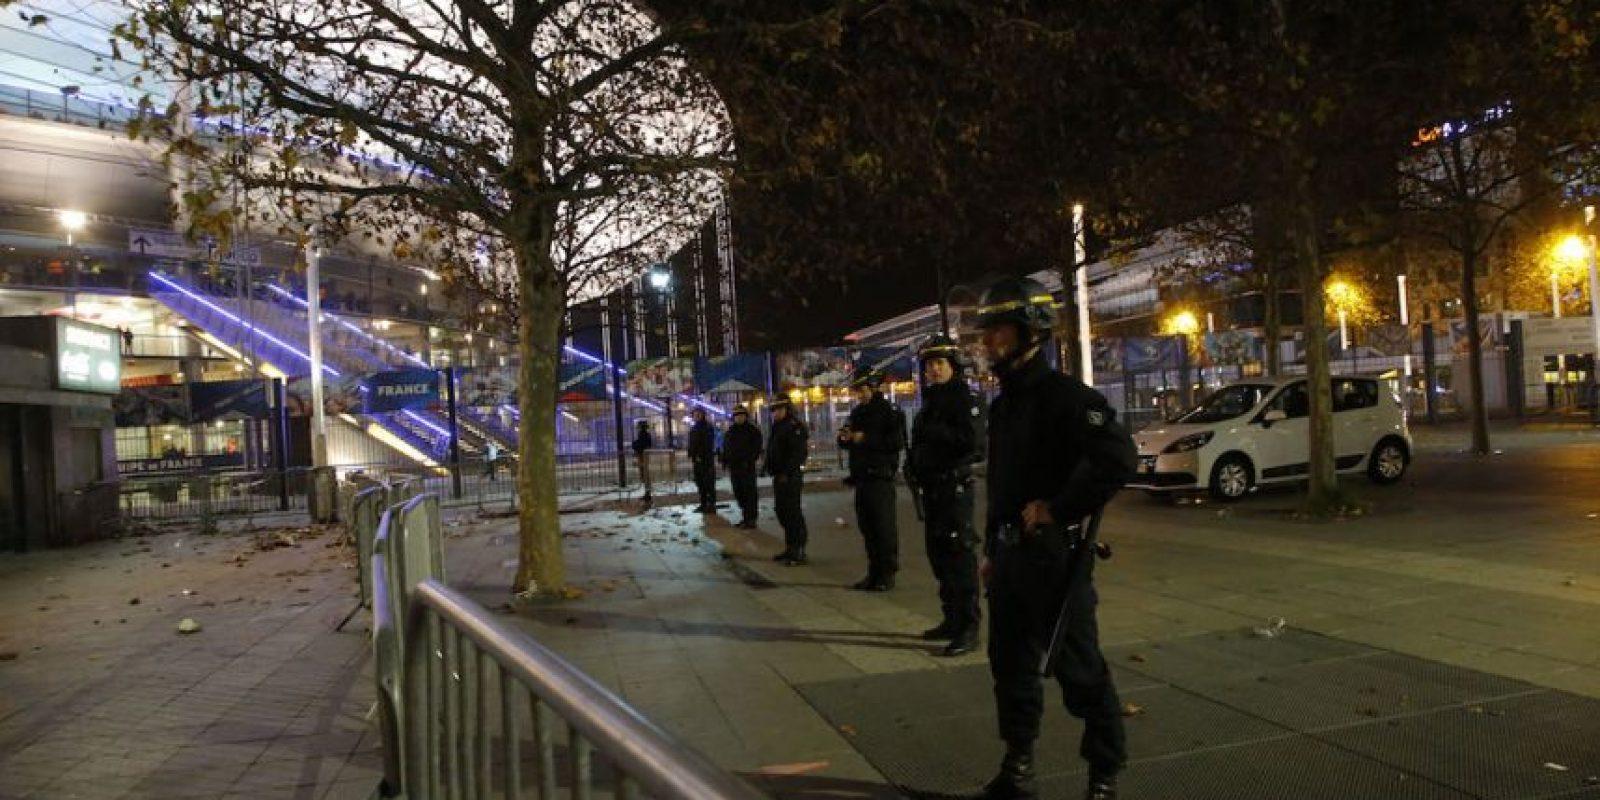 La policía resguarda las calles. Foto:AP